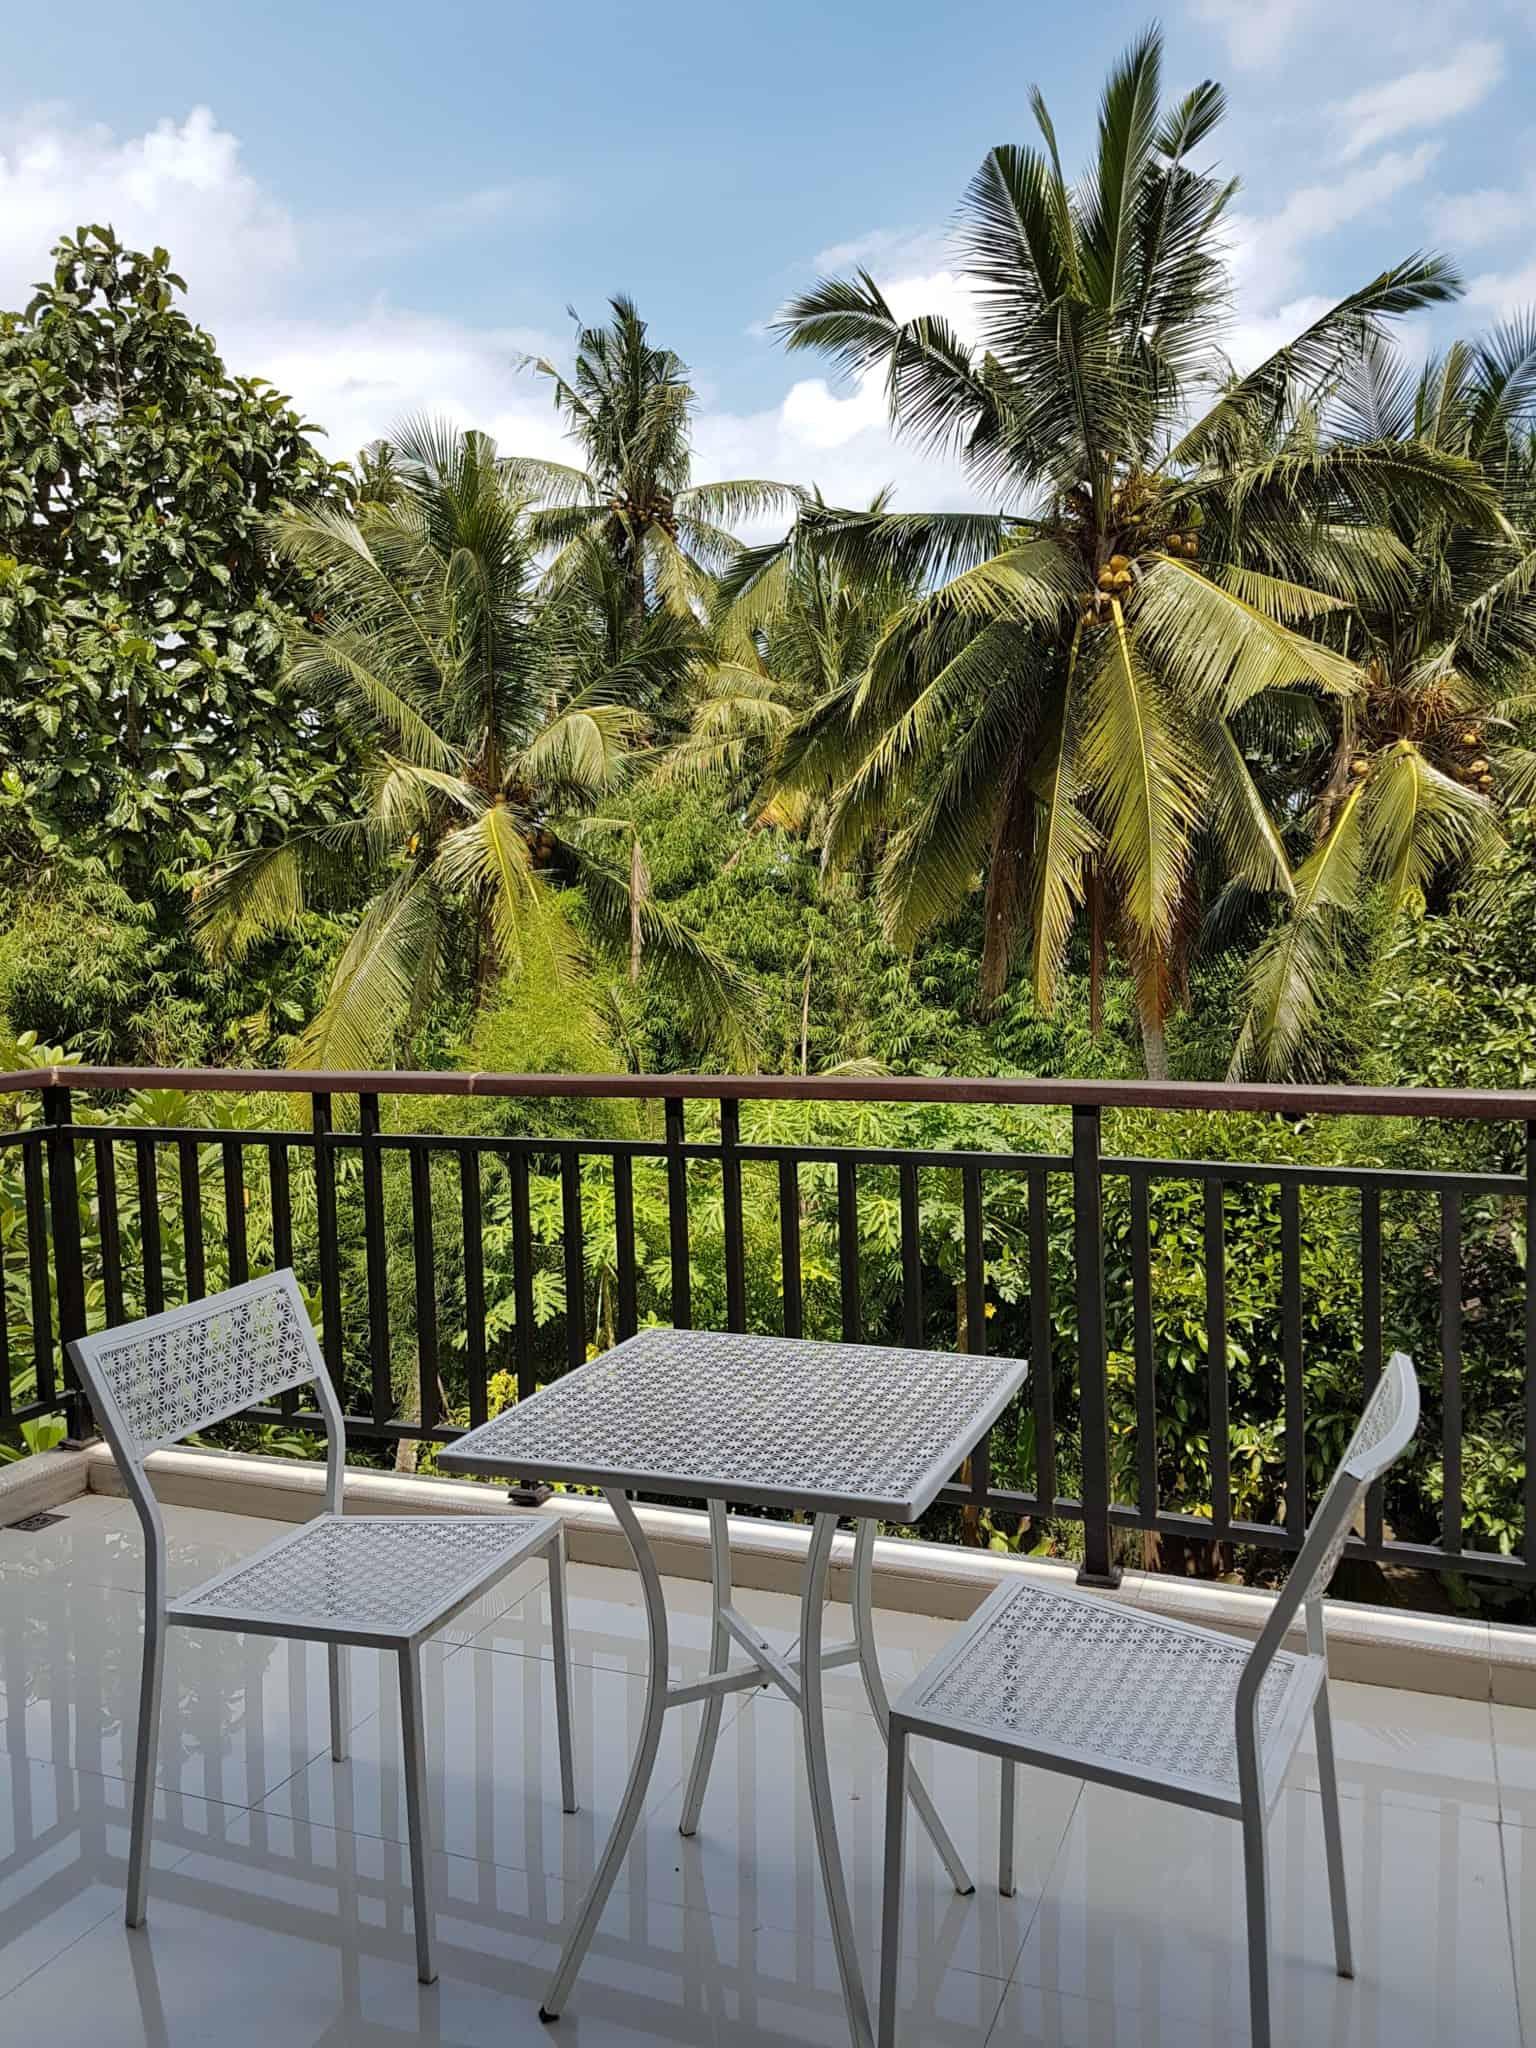 Bali, les rizières de Tegallalang et le temple Pura Tirta Empul🌱 3